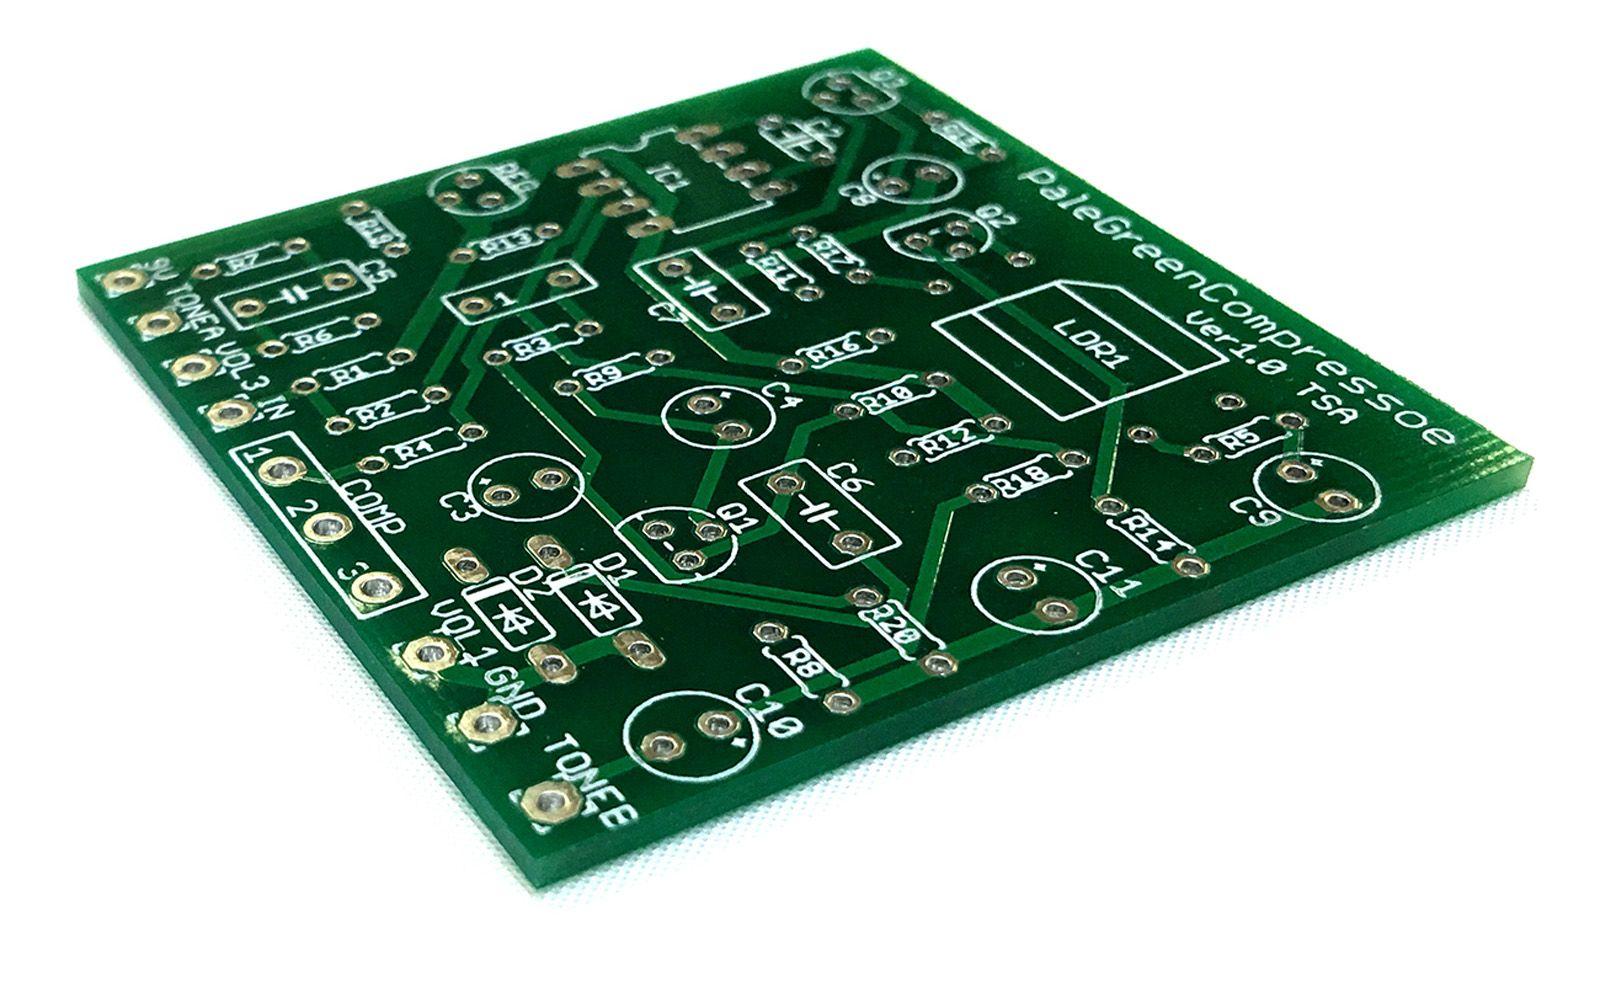 【メール便なら送料無料】Pale green Compressor風 コンプレッサーペダル自作用基盤